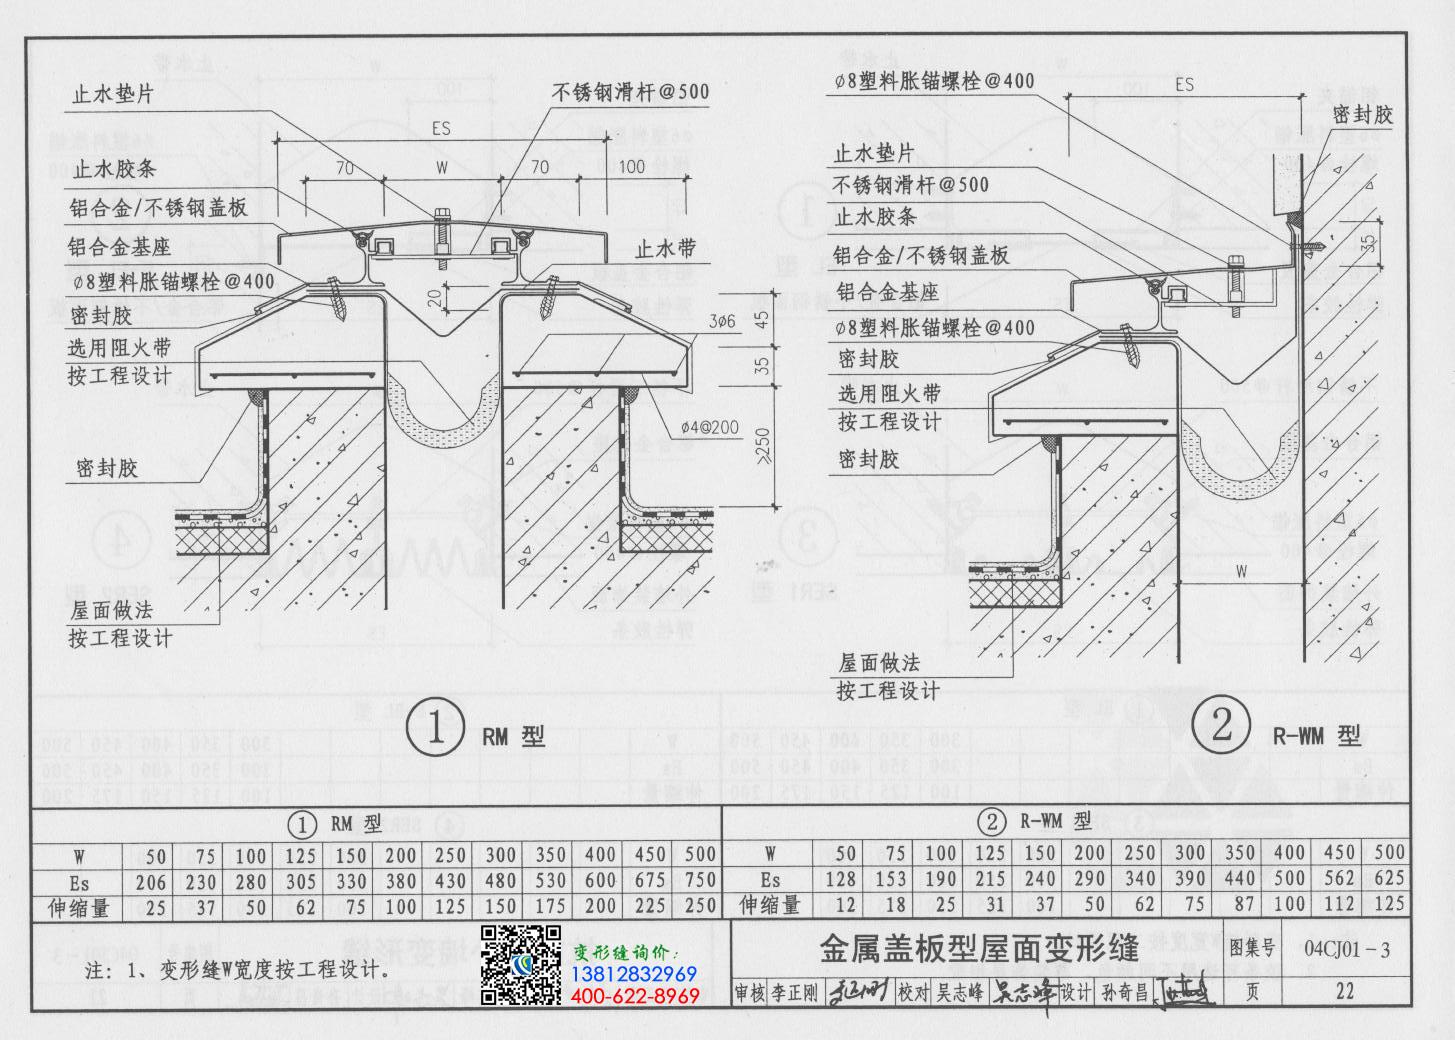 变形缝图集04cj01-3第22页:金属盖板型屋面变形缝